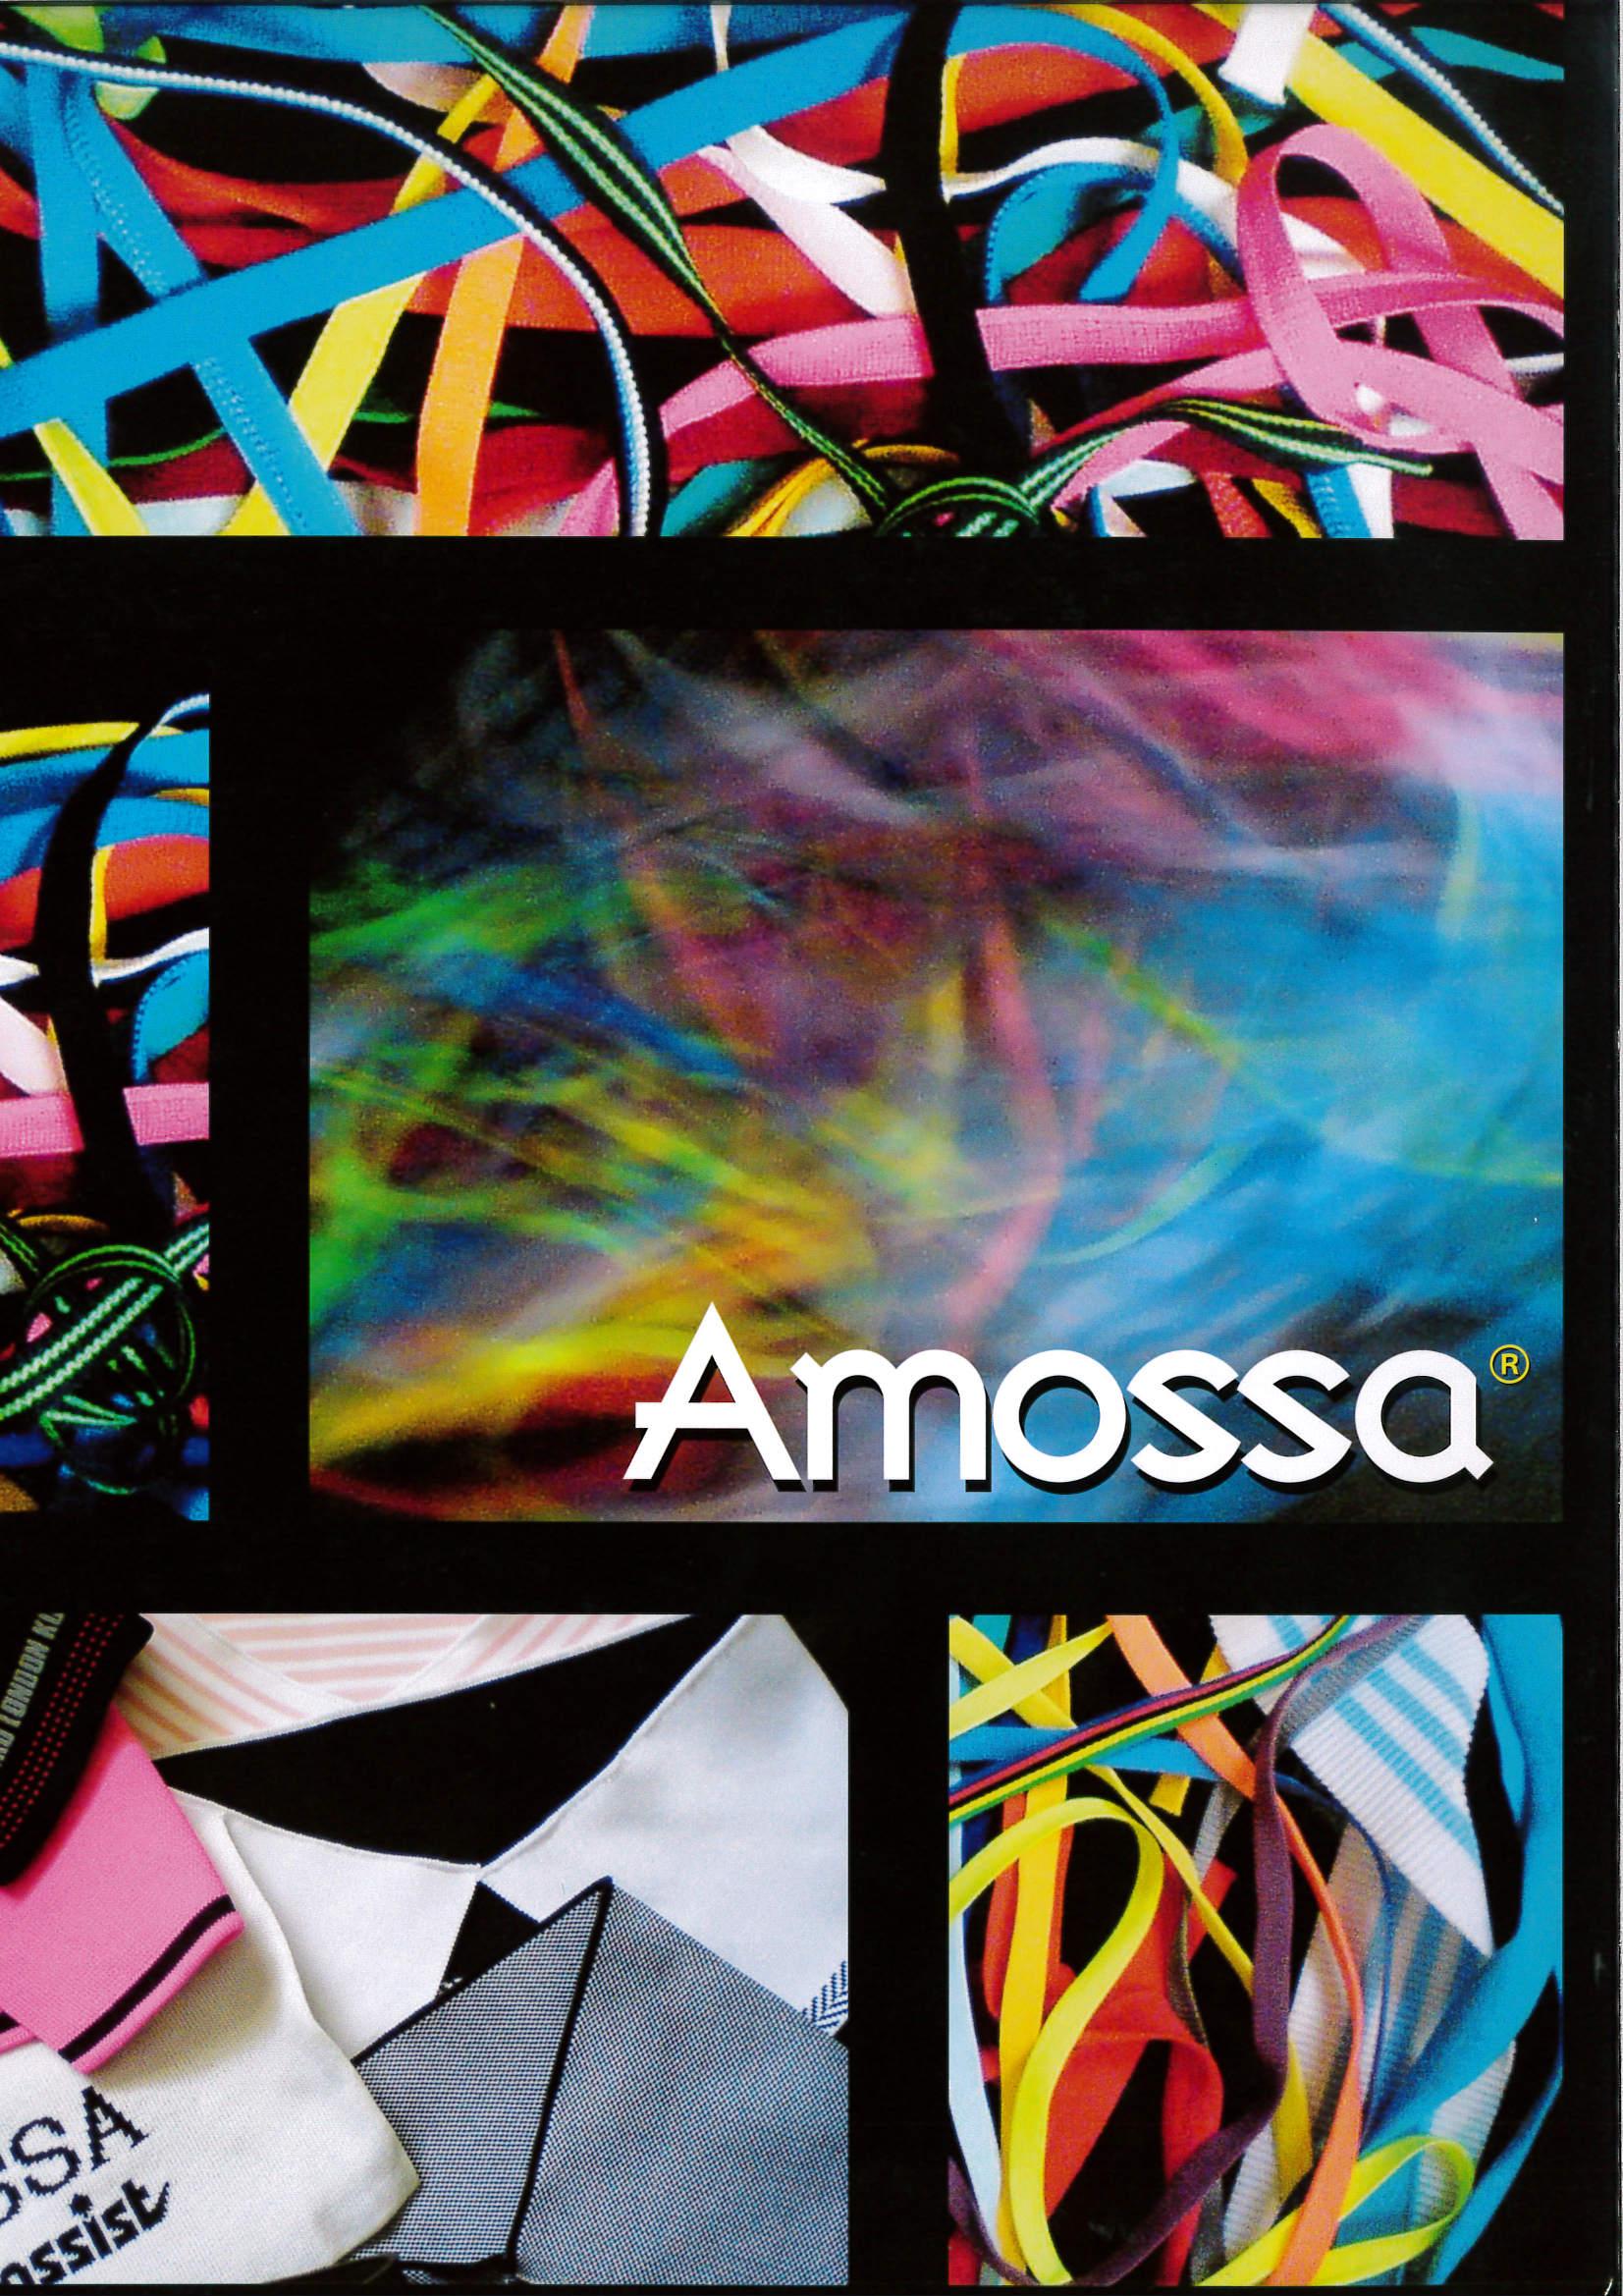 Amossa00